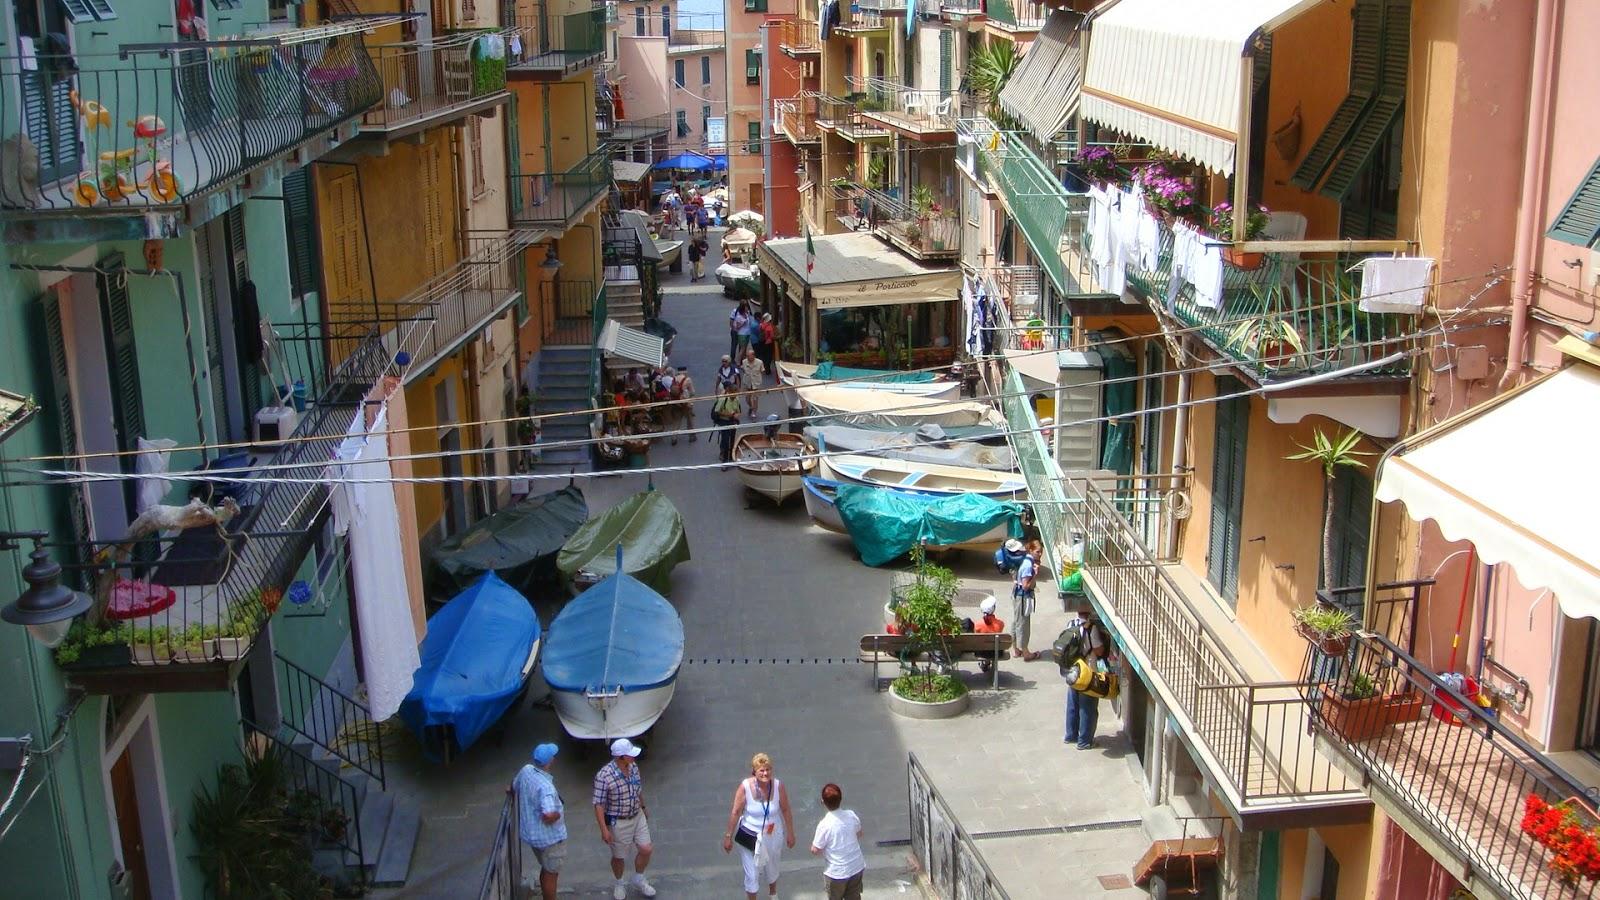 Busreis Italië - Bloemenrivièra & Cinque Terre, Italië / Autovakantie Bloemenrivièra, Italië 2015  Het grootste reisaanbod voor de Italiaanse bloemenrivièra (Cinque Terre) vind je op: http://www.italiaansebloemenriviera.nl/reisaanbod.html